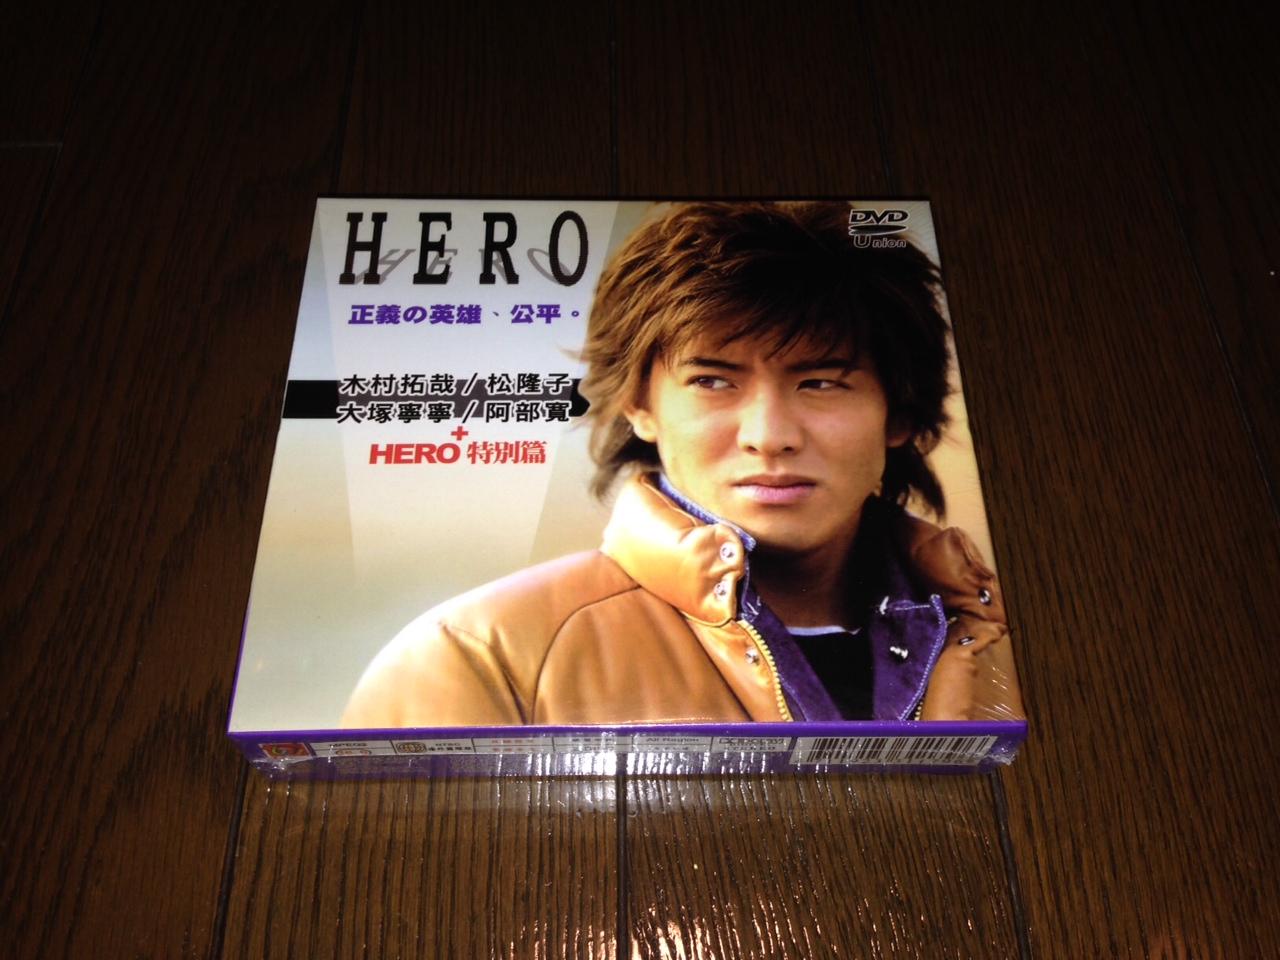 HERO (テレビドラマ)の画像 p1_32